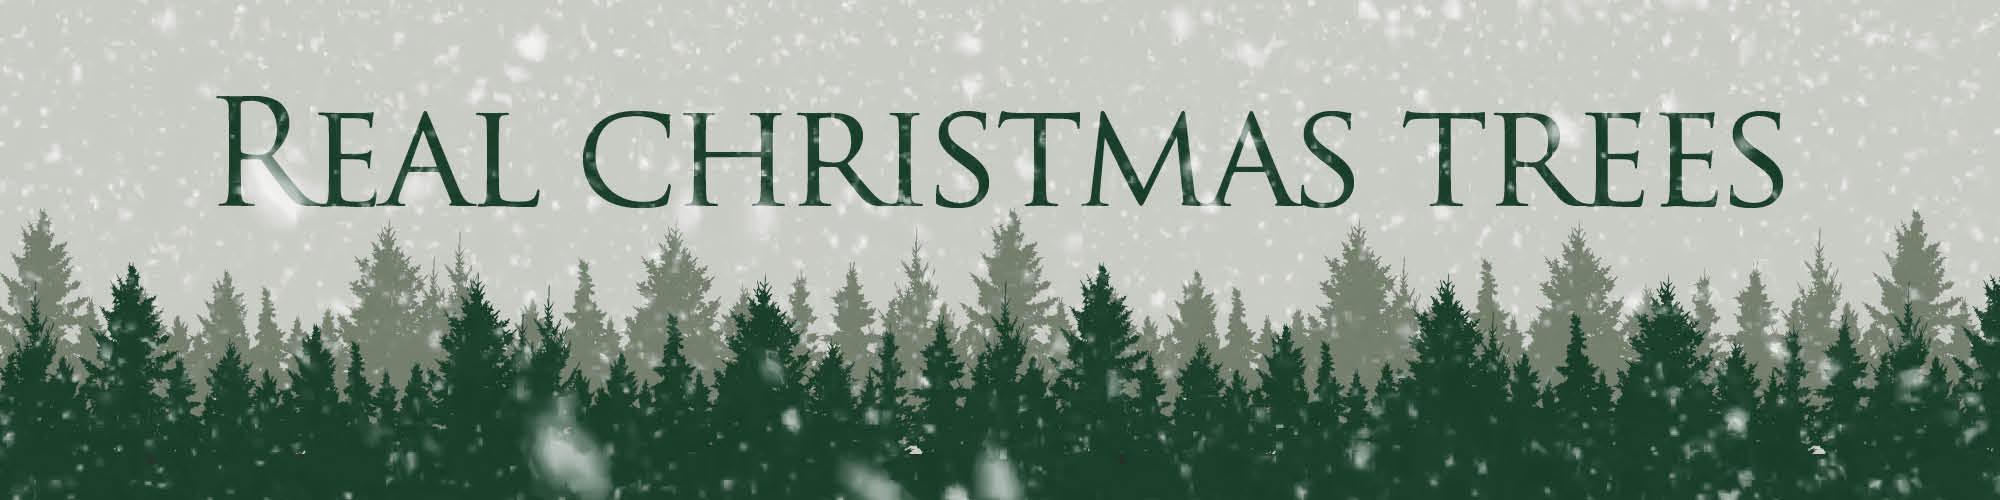 real-christmas-tree-slider